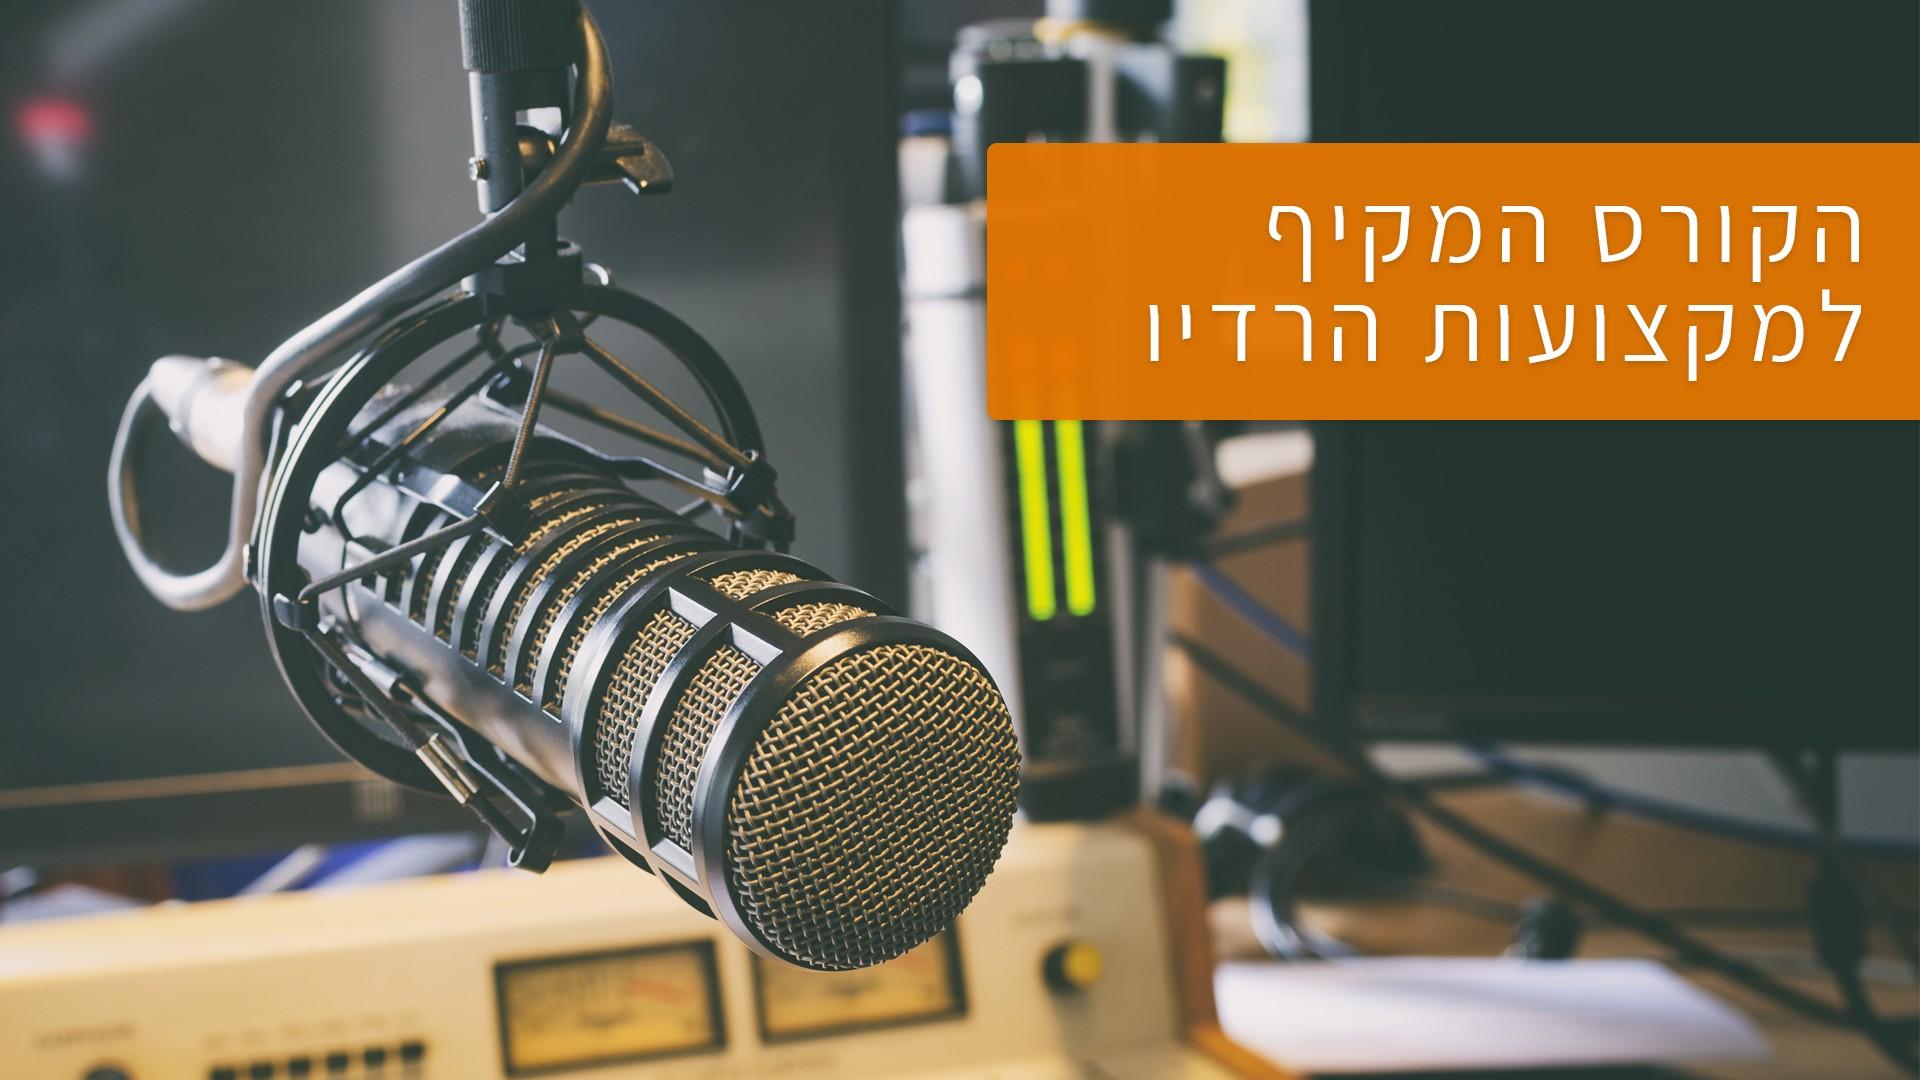 קורס רדיו